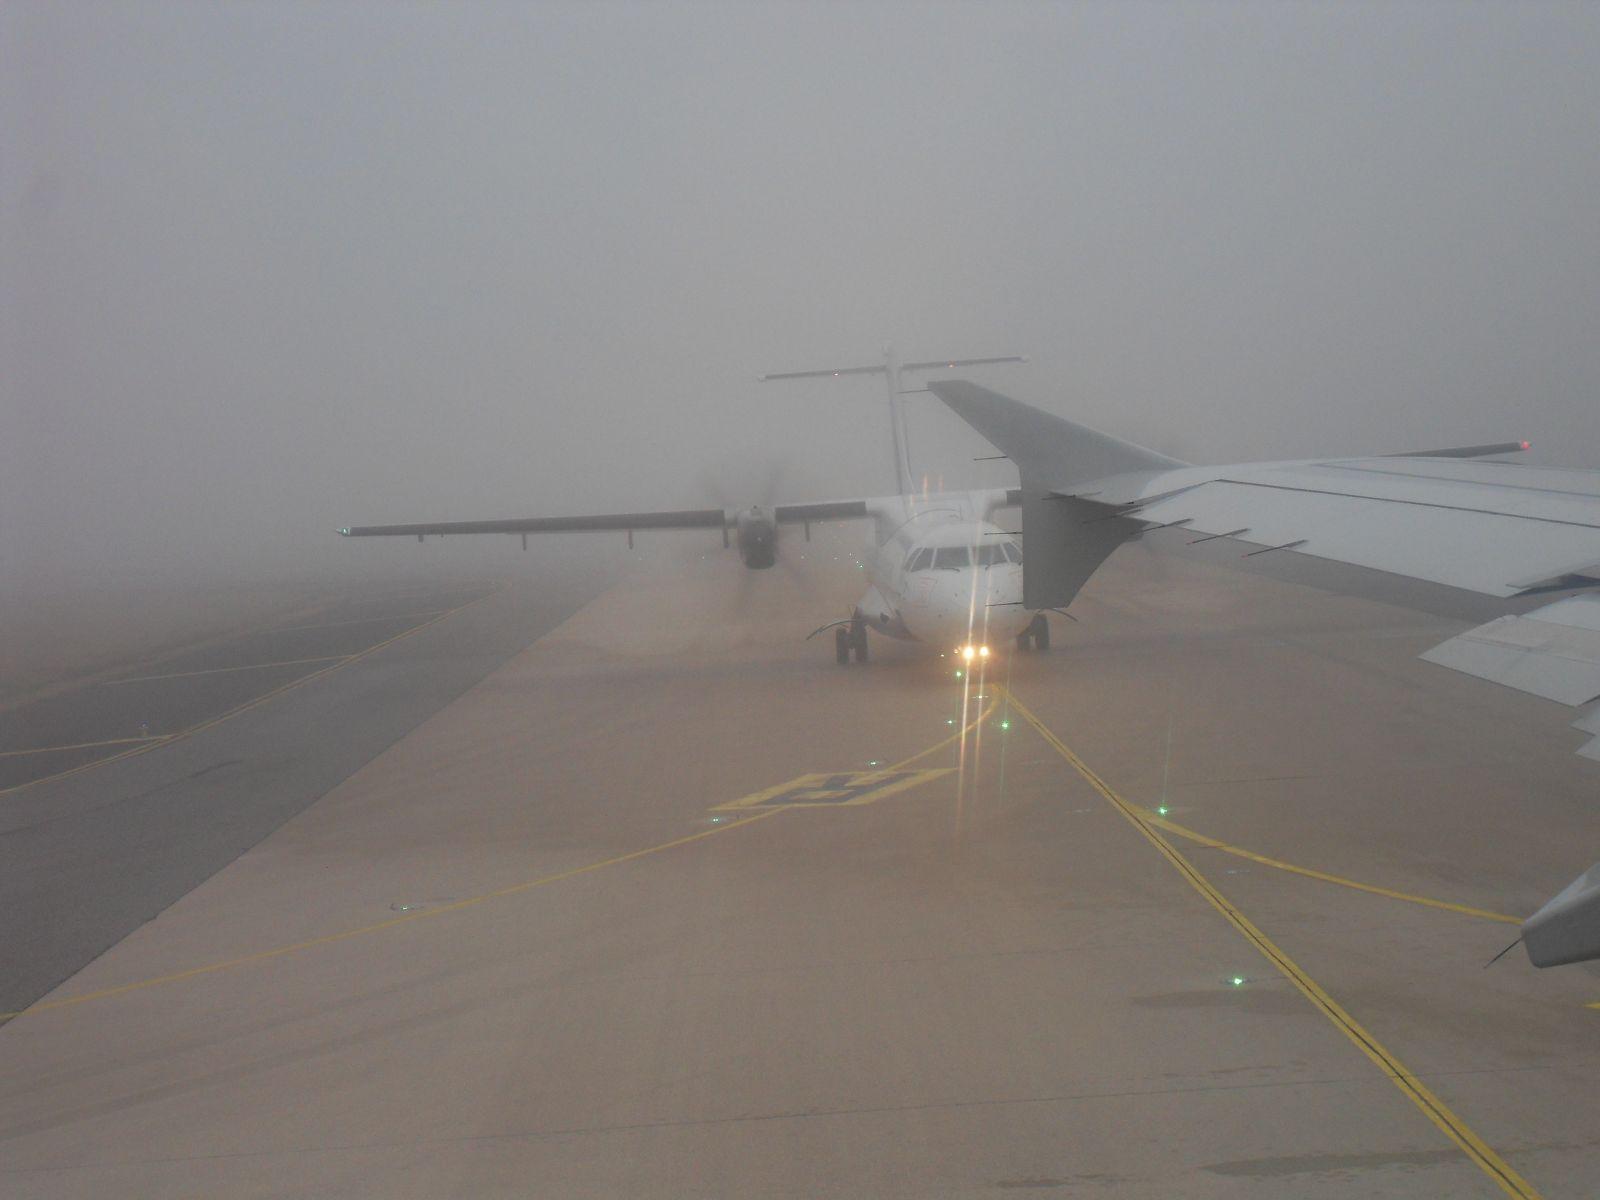 Image d'illustration pour Le brouillard retardé par les terminaux de Paris-Charles-de-Gaulle